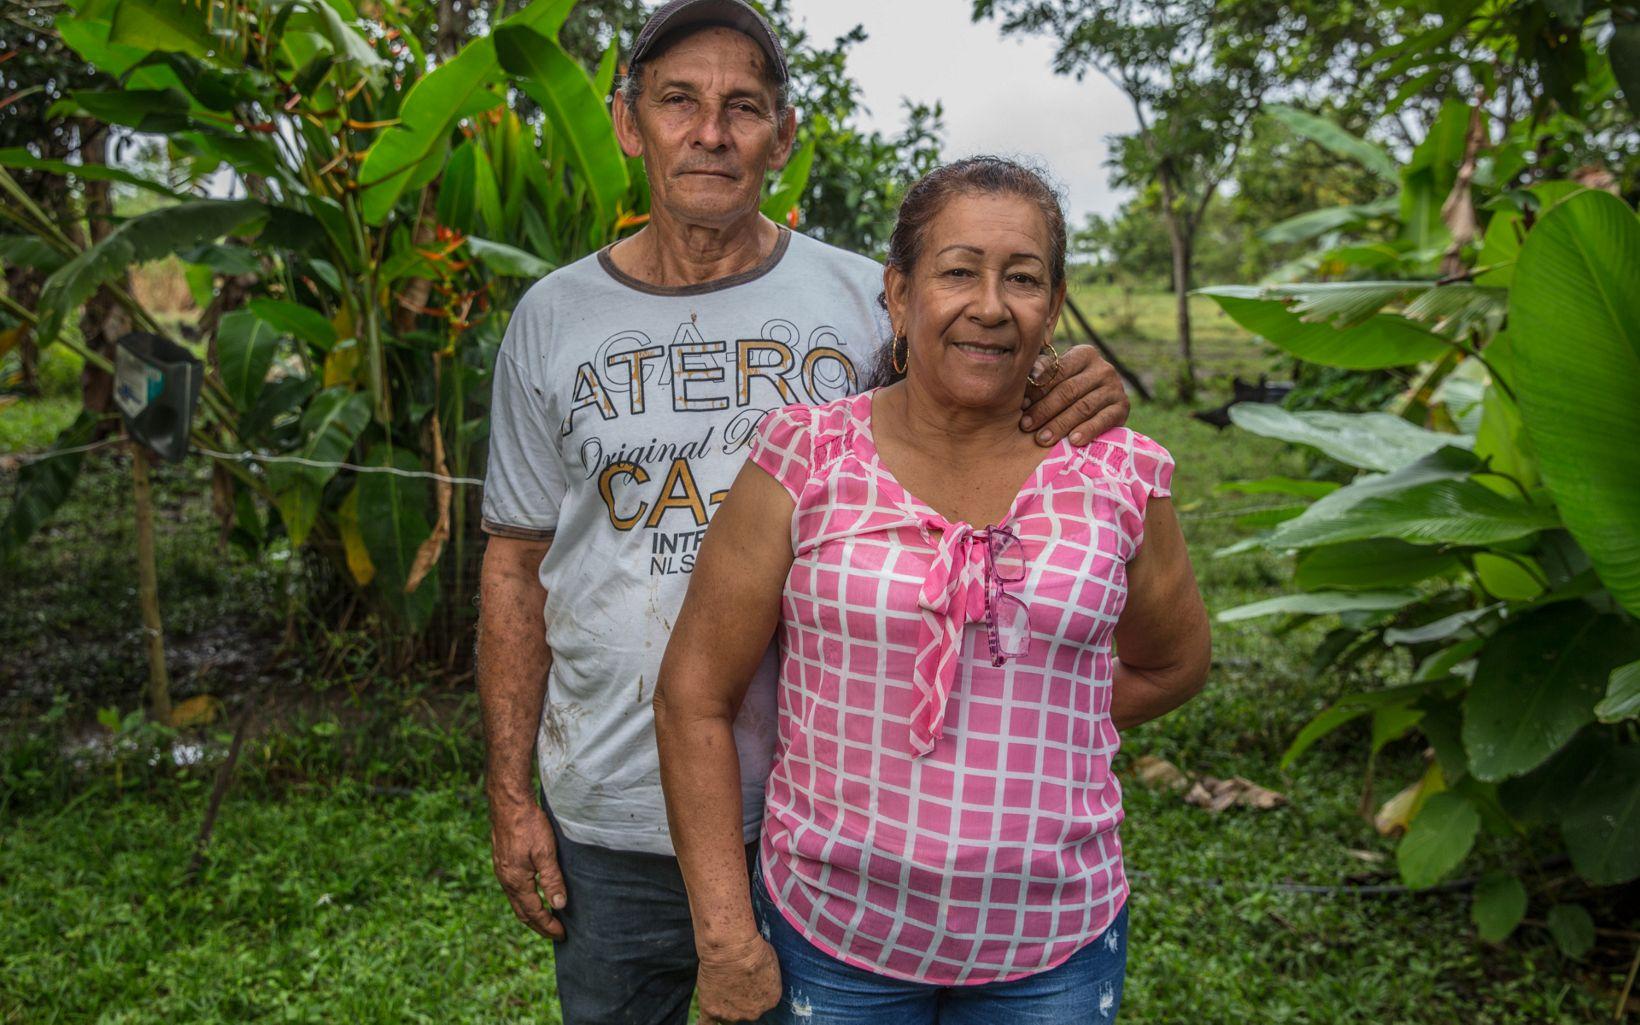 Más de 4000 familias beneficiadas por la asistencia técnica del proyecto GCS son como la de Edilson y Rosalba, para quienes la naturaleza tiene un nuevo valor.